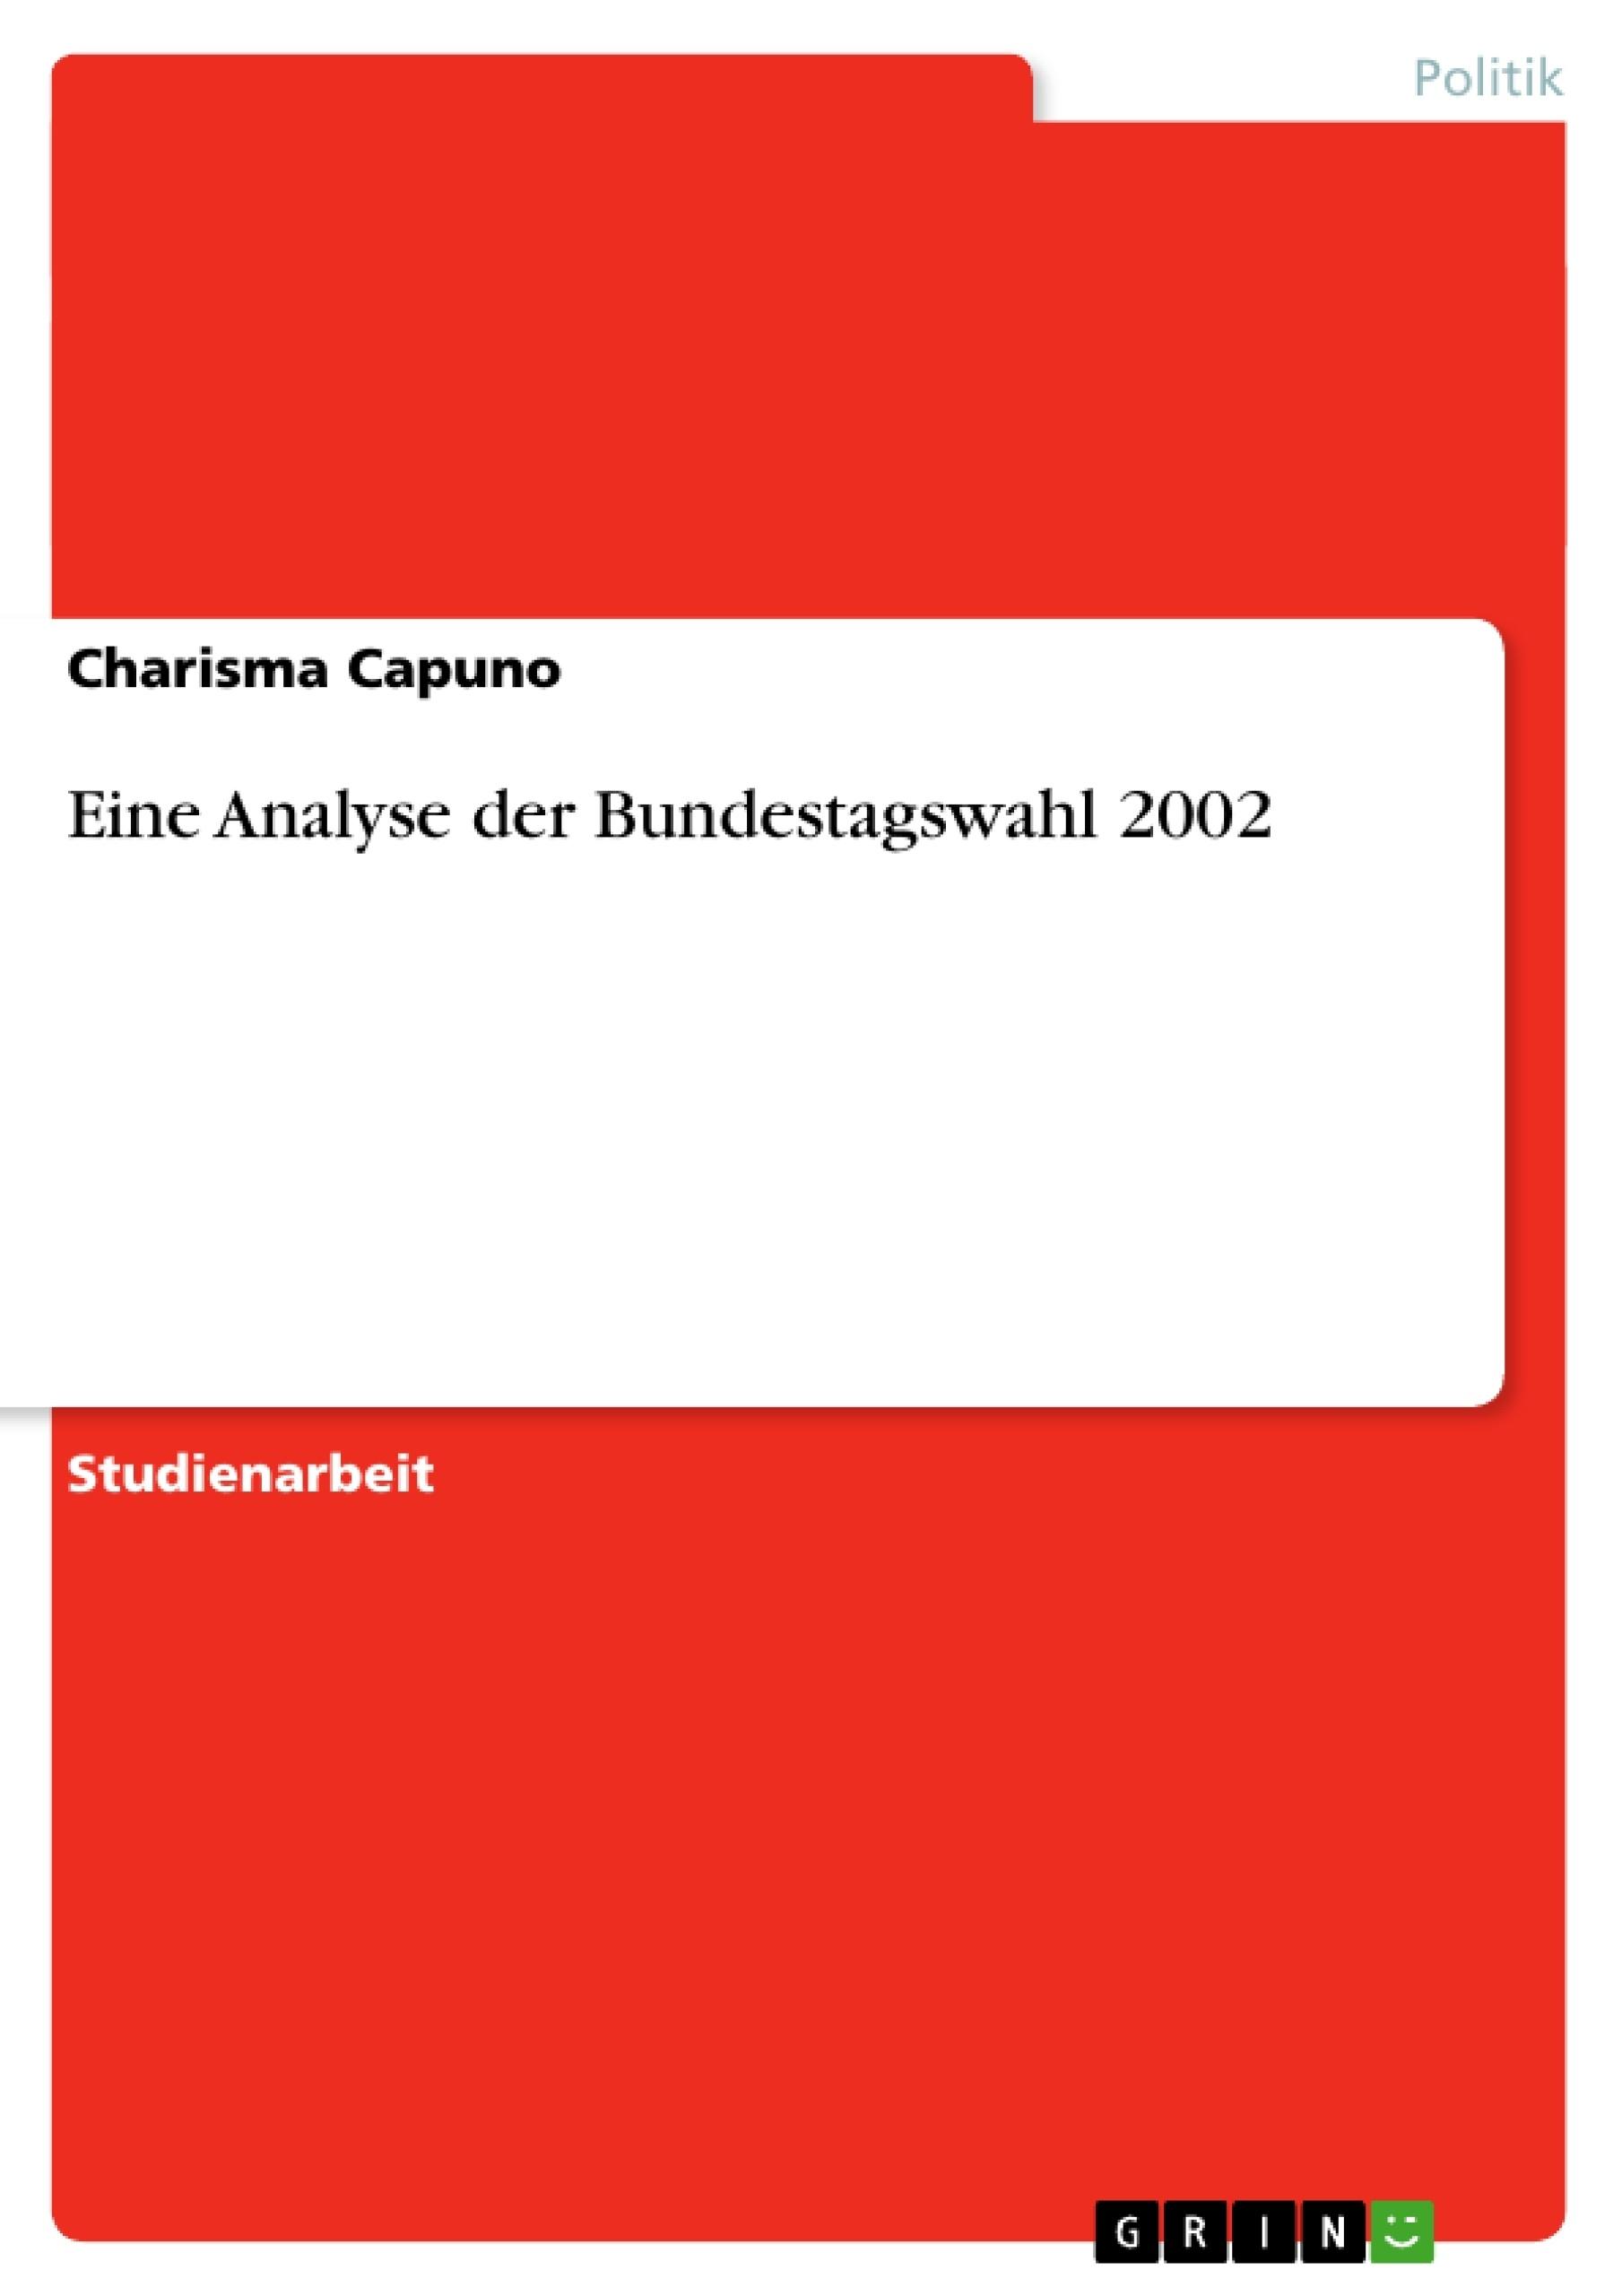 Titel: Eine Analyse der Bundestagswahl 2002